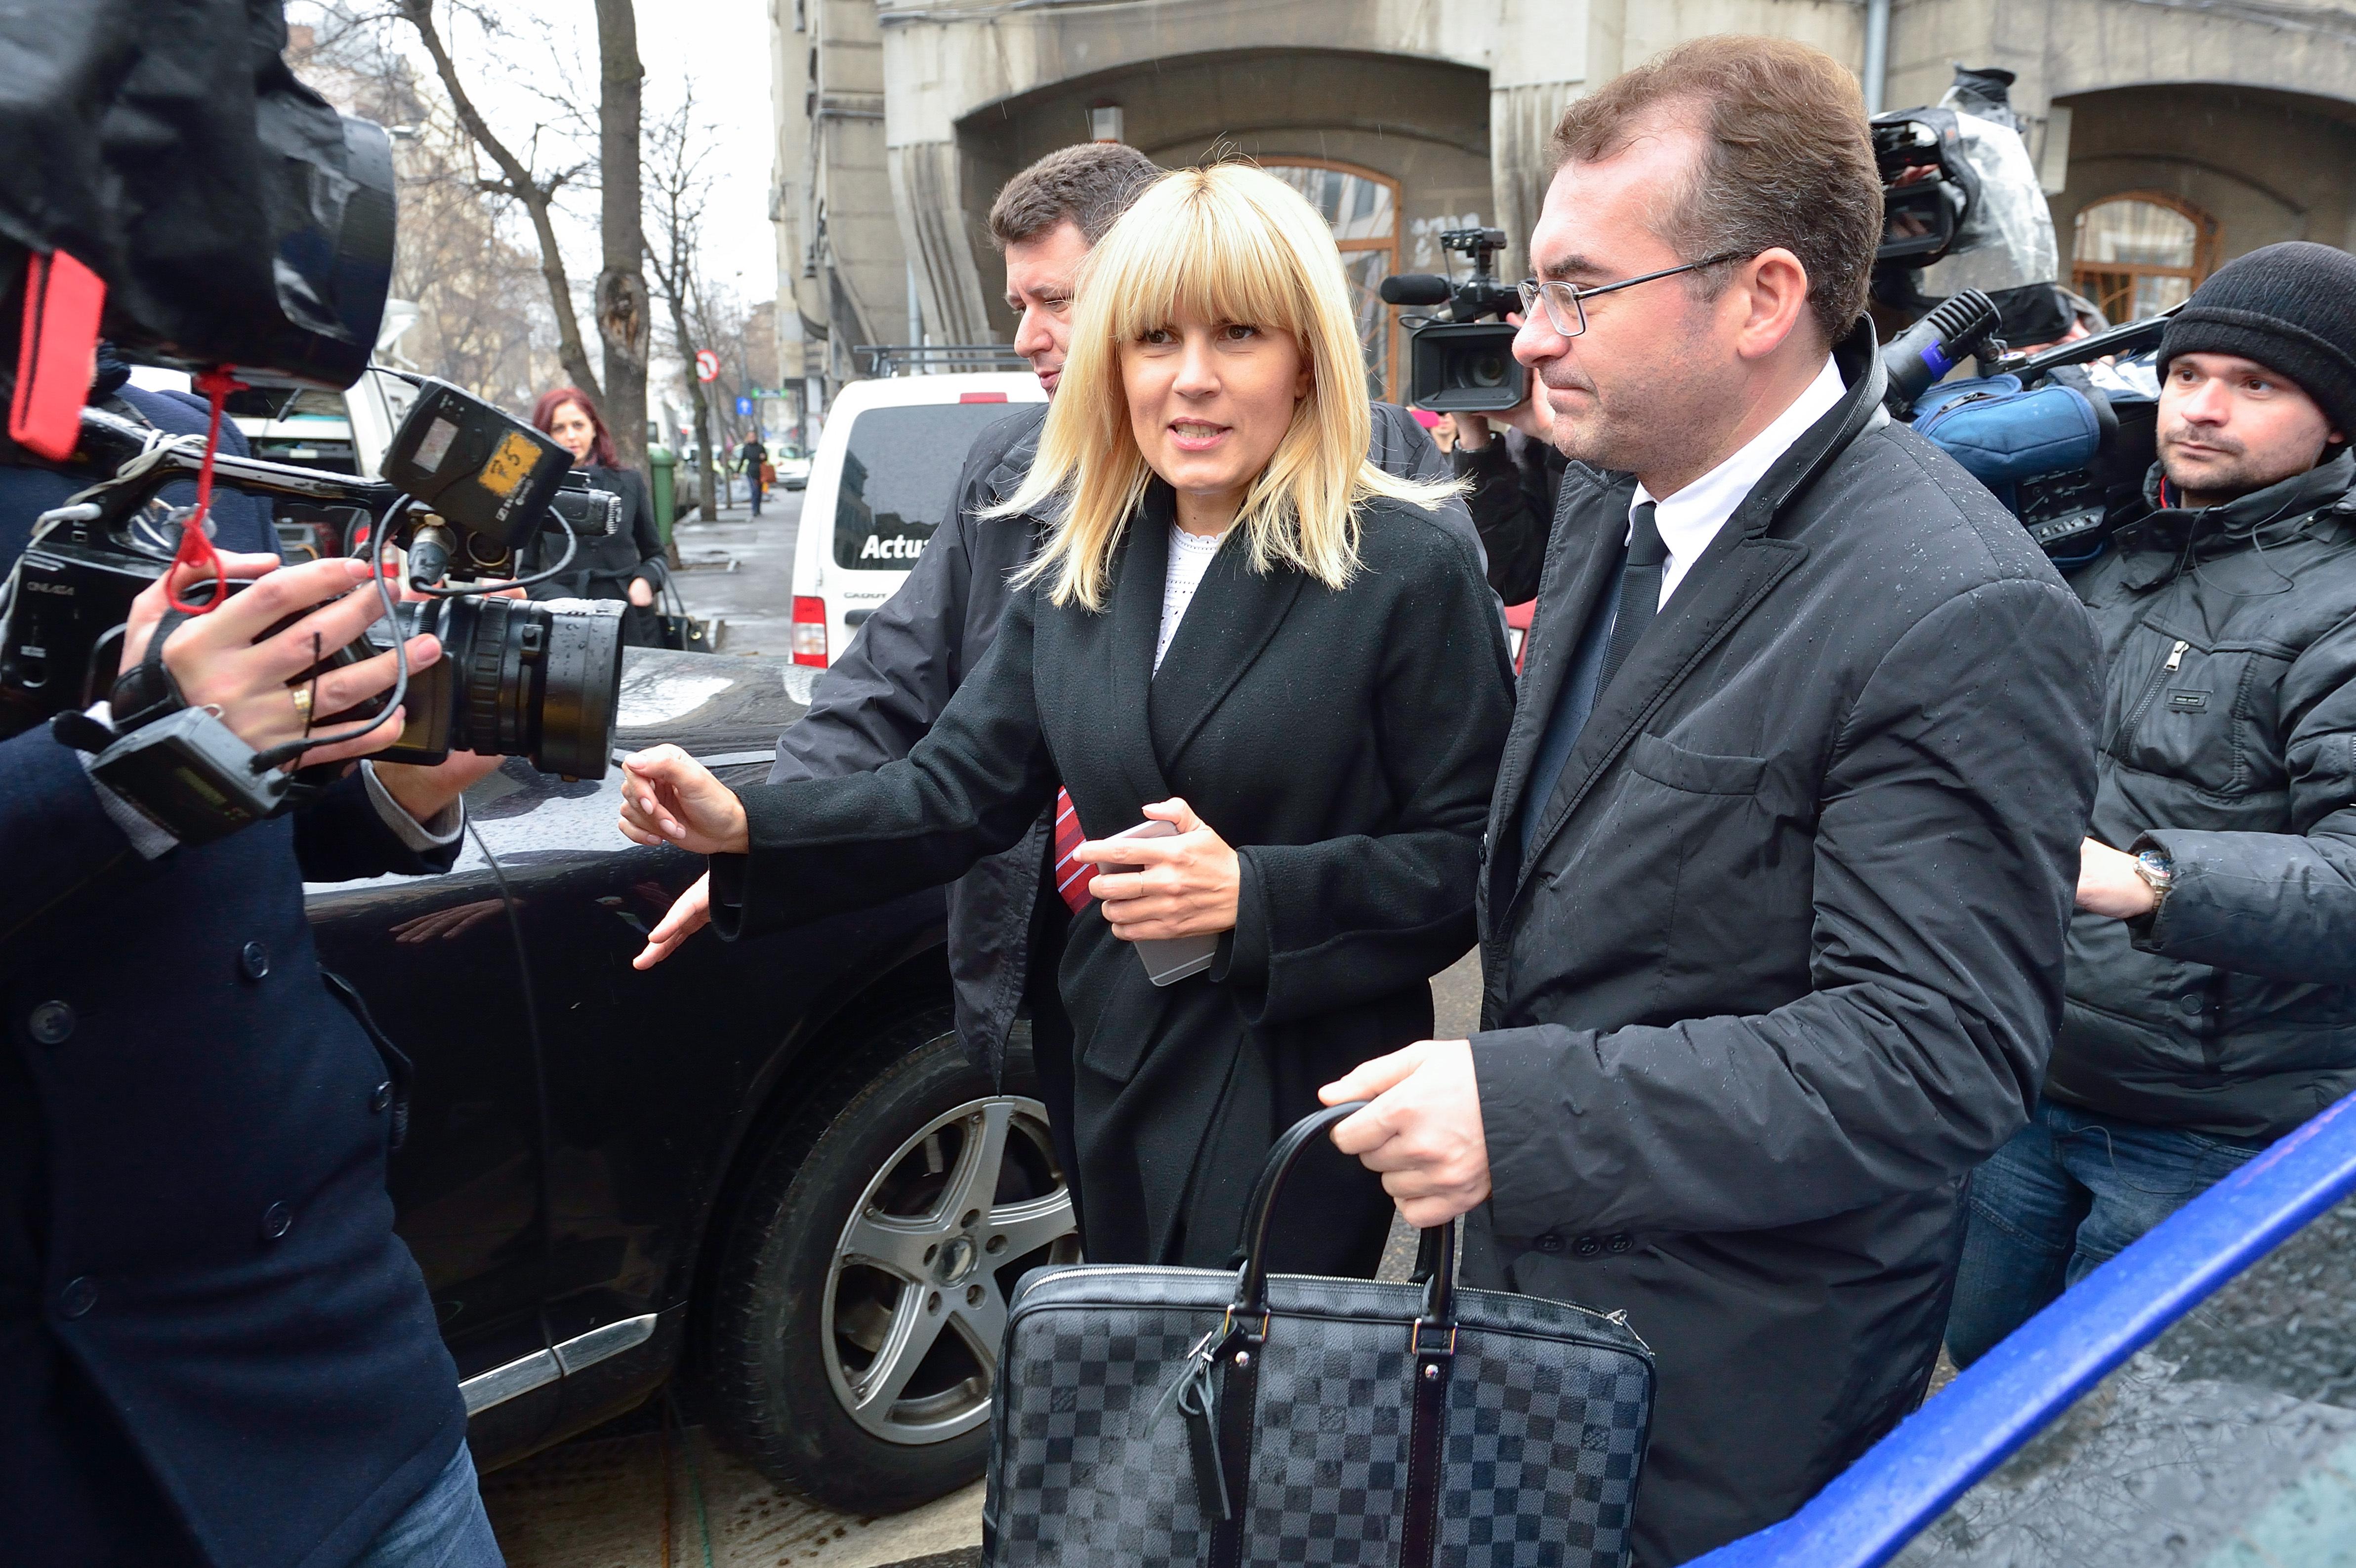 SOC pentru Elena Udrea in aceasta dimineata: RASTURNARE incredibila DE SITUATIE in aceste momente